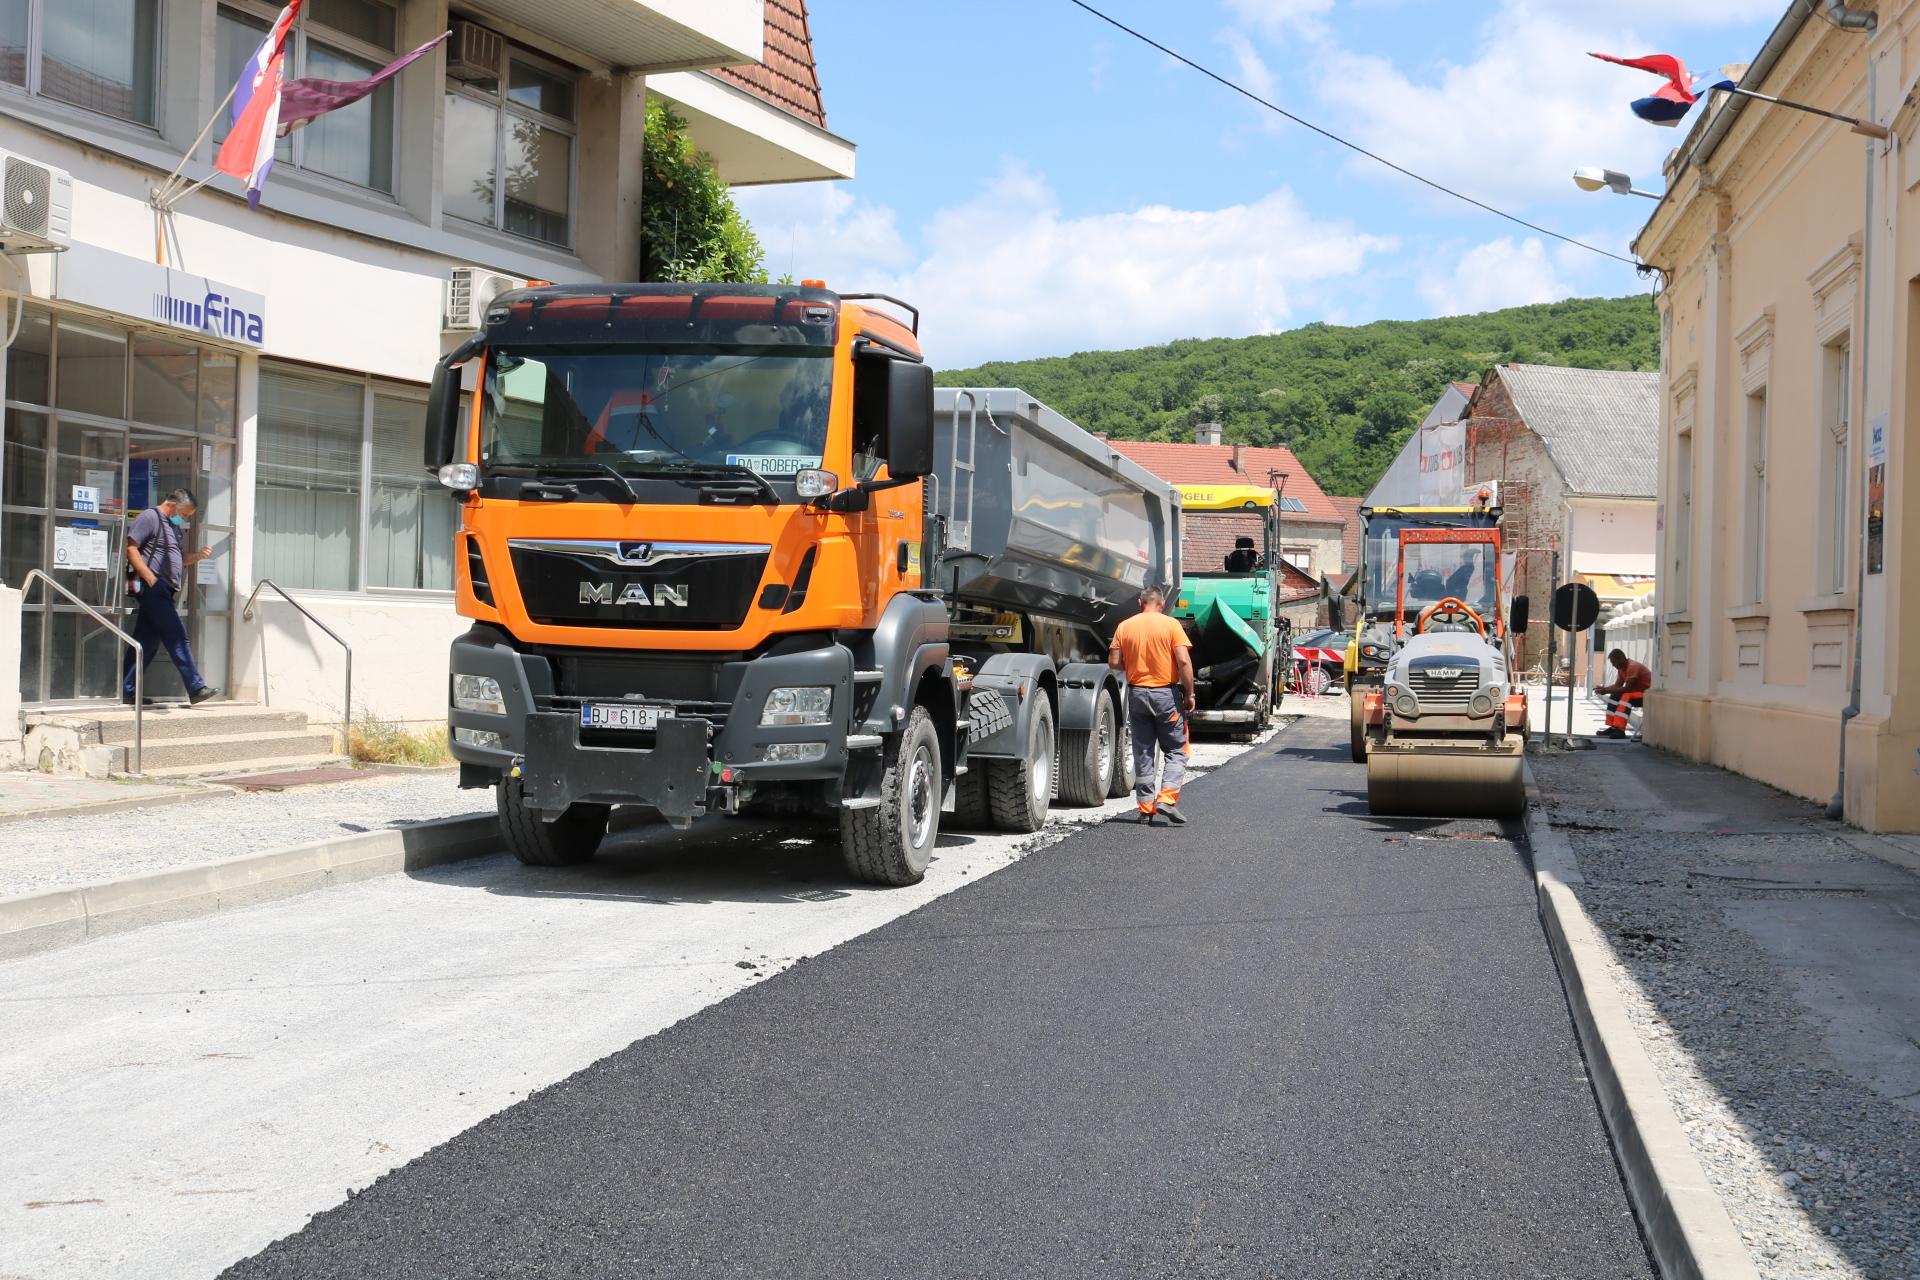 asfaltiranje jučer